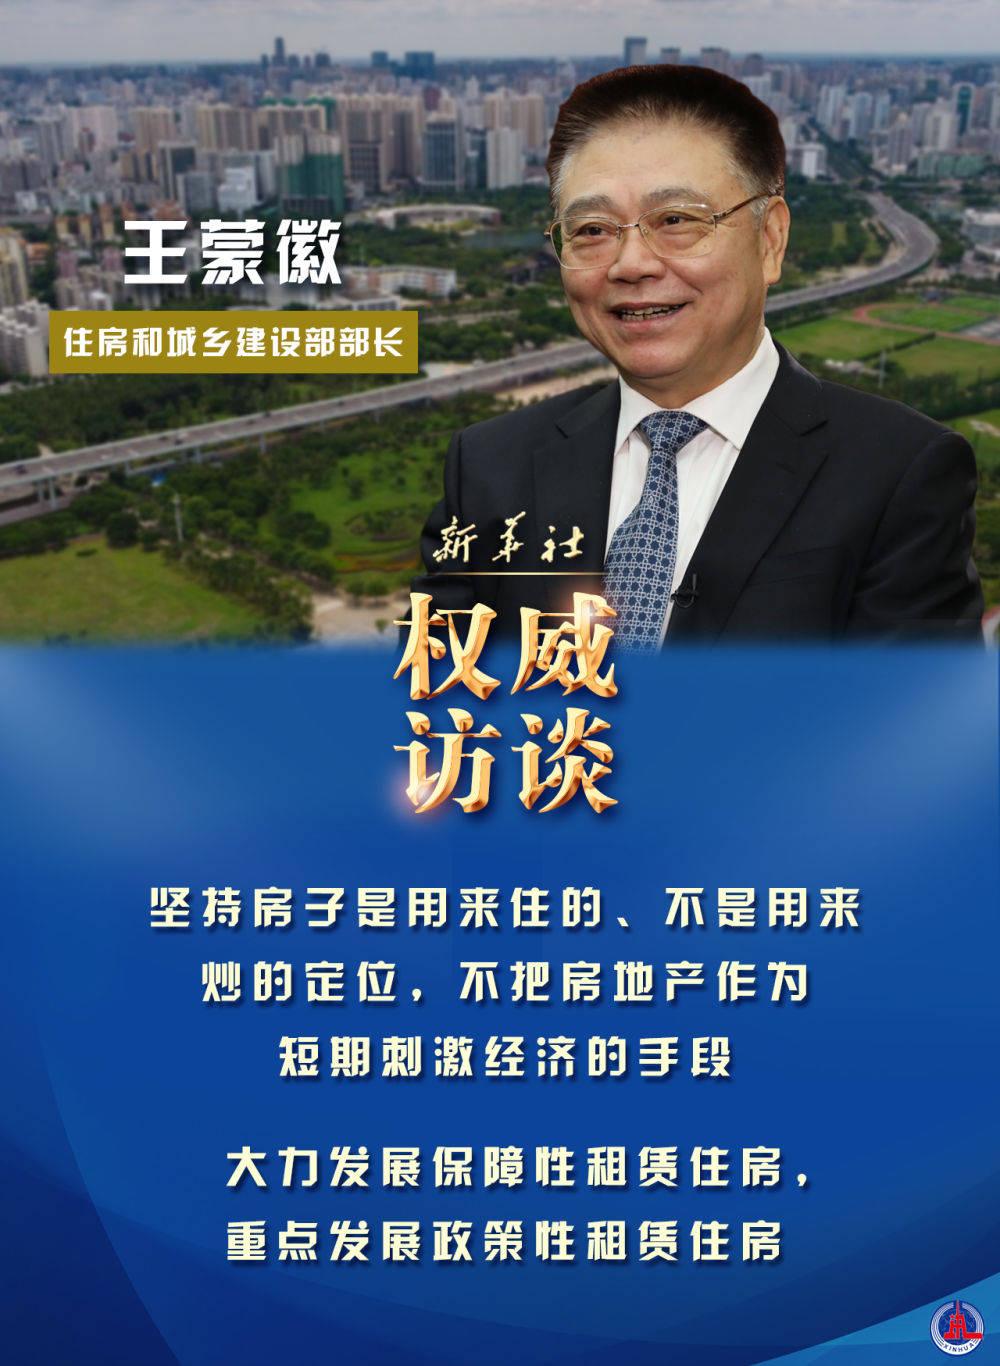 住房和城乡建设部部长王蒙徽谈如何解决好大城市住房突出问题